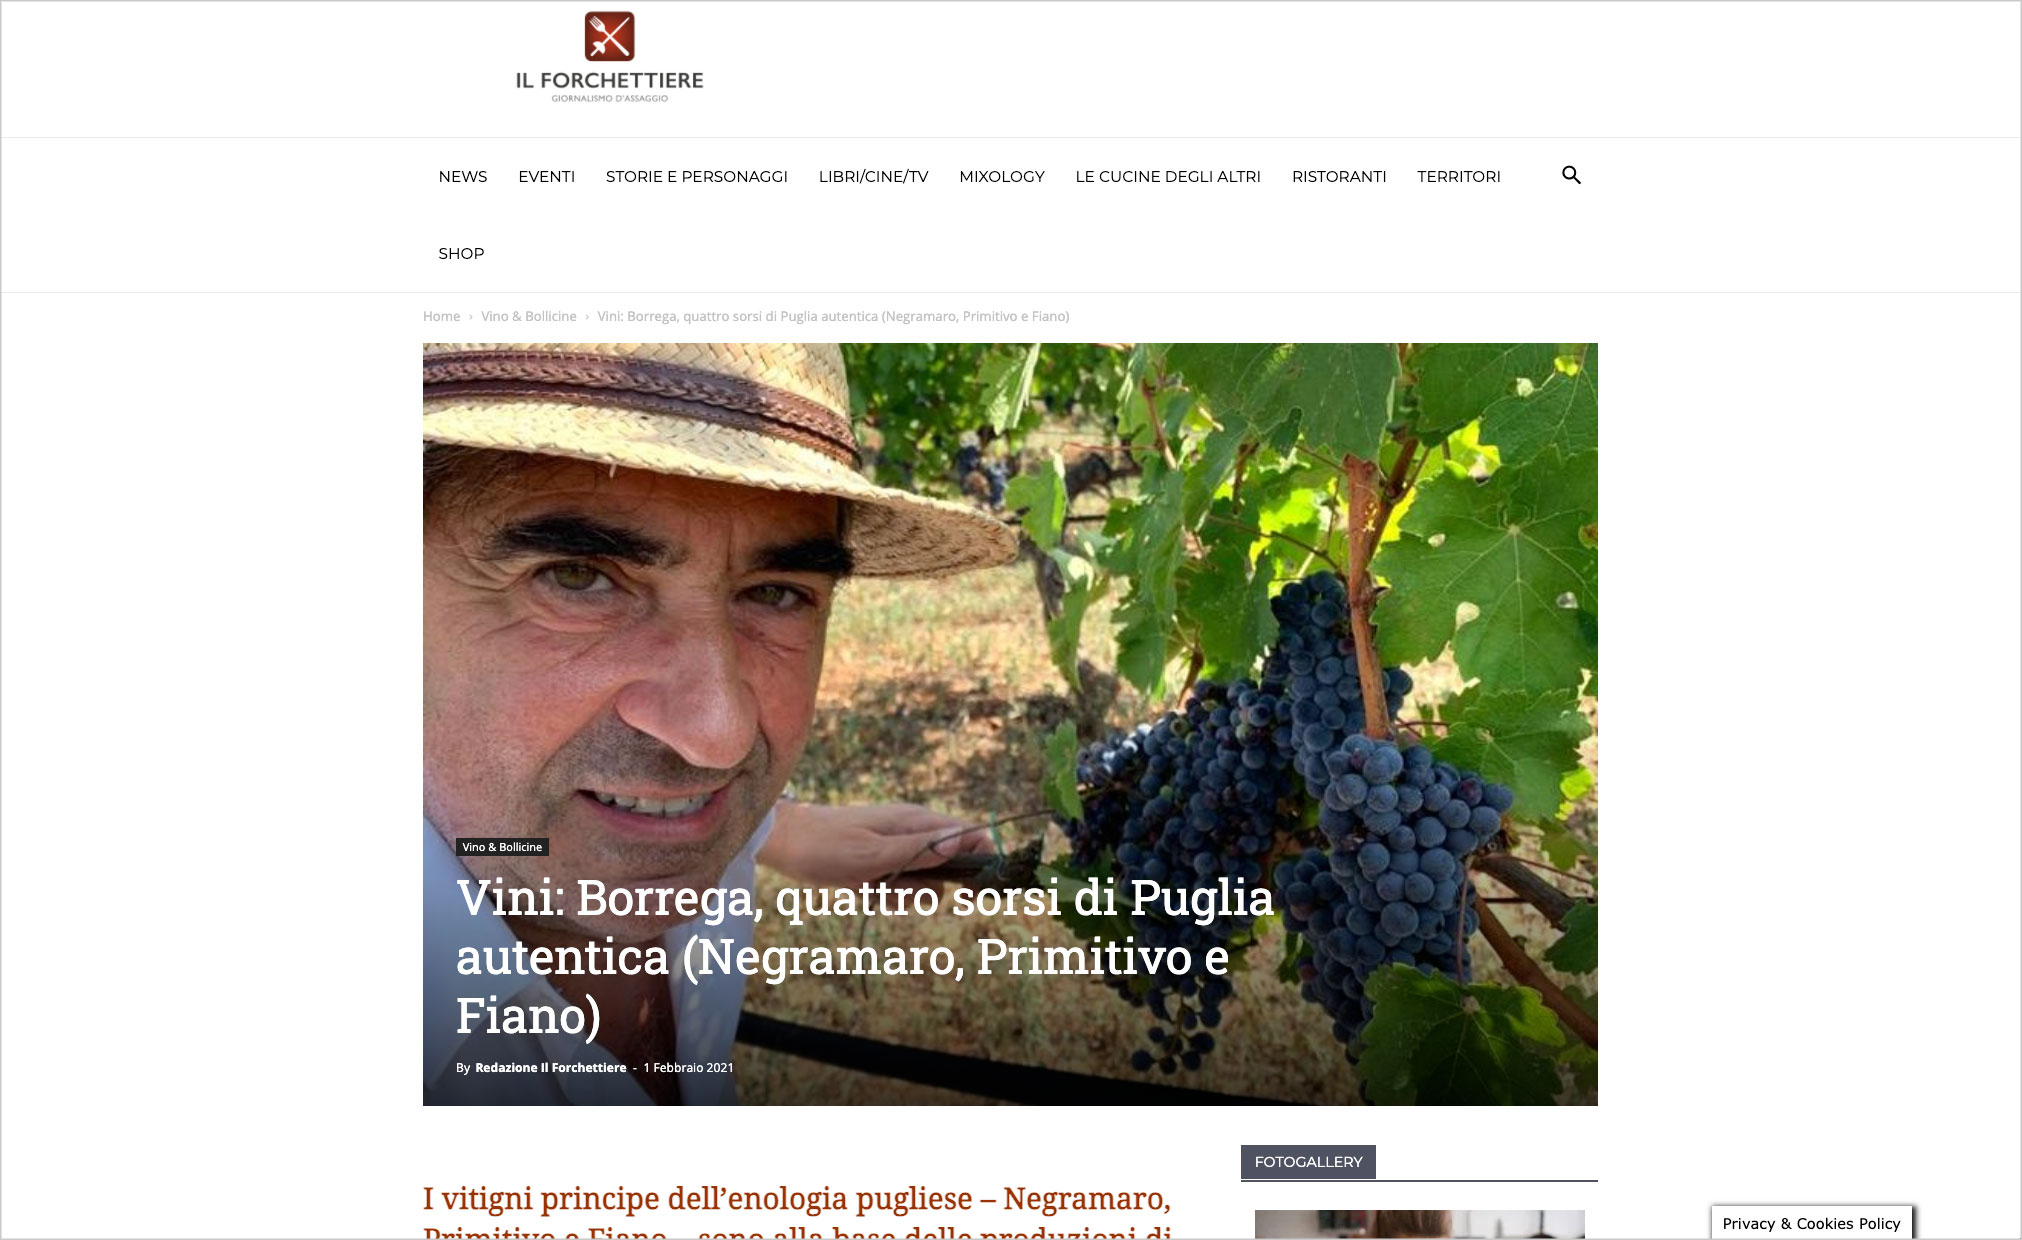 Vini: Borrega, quattro sorsi di Puglia autentica (Negramaro, Primitivo e Fiano)